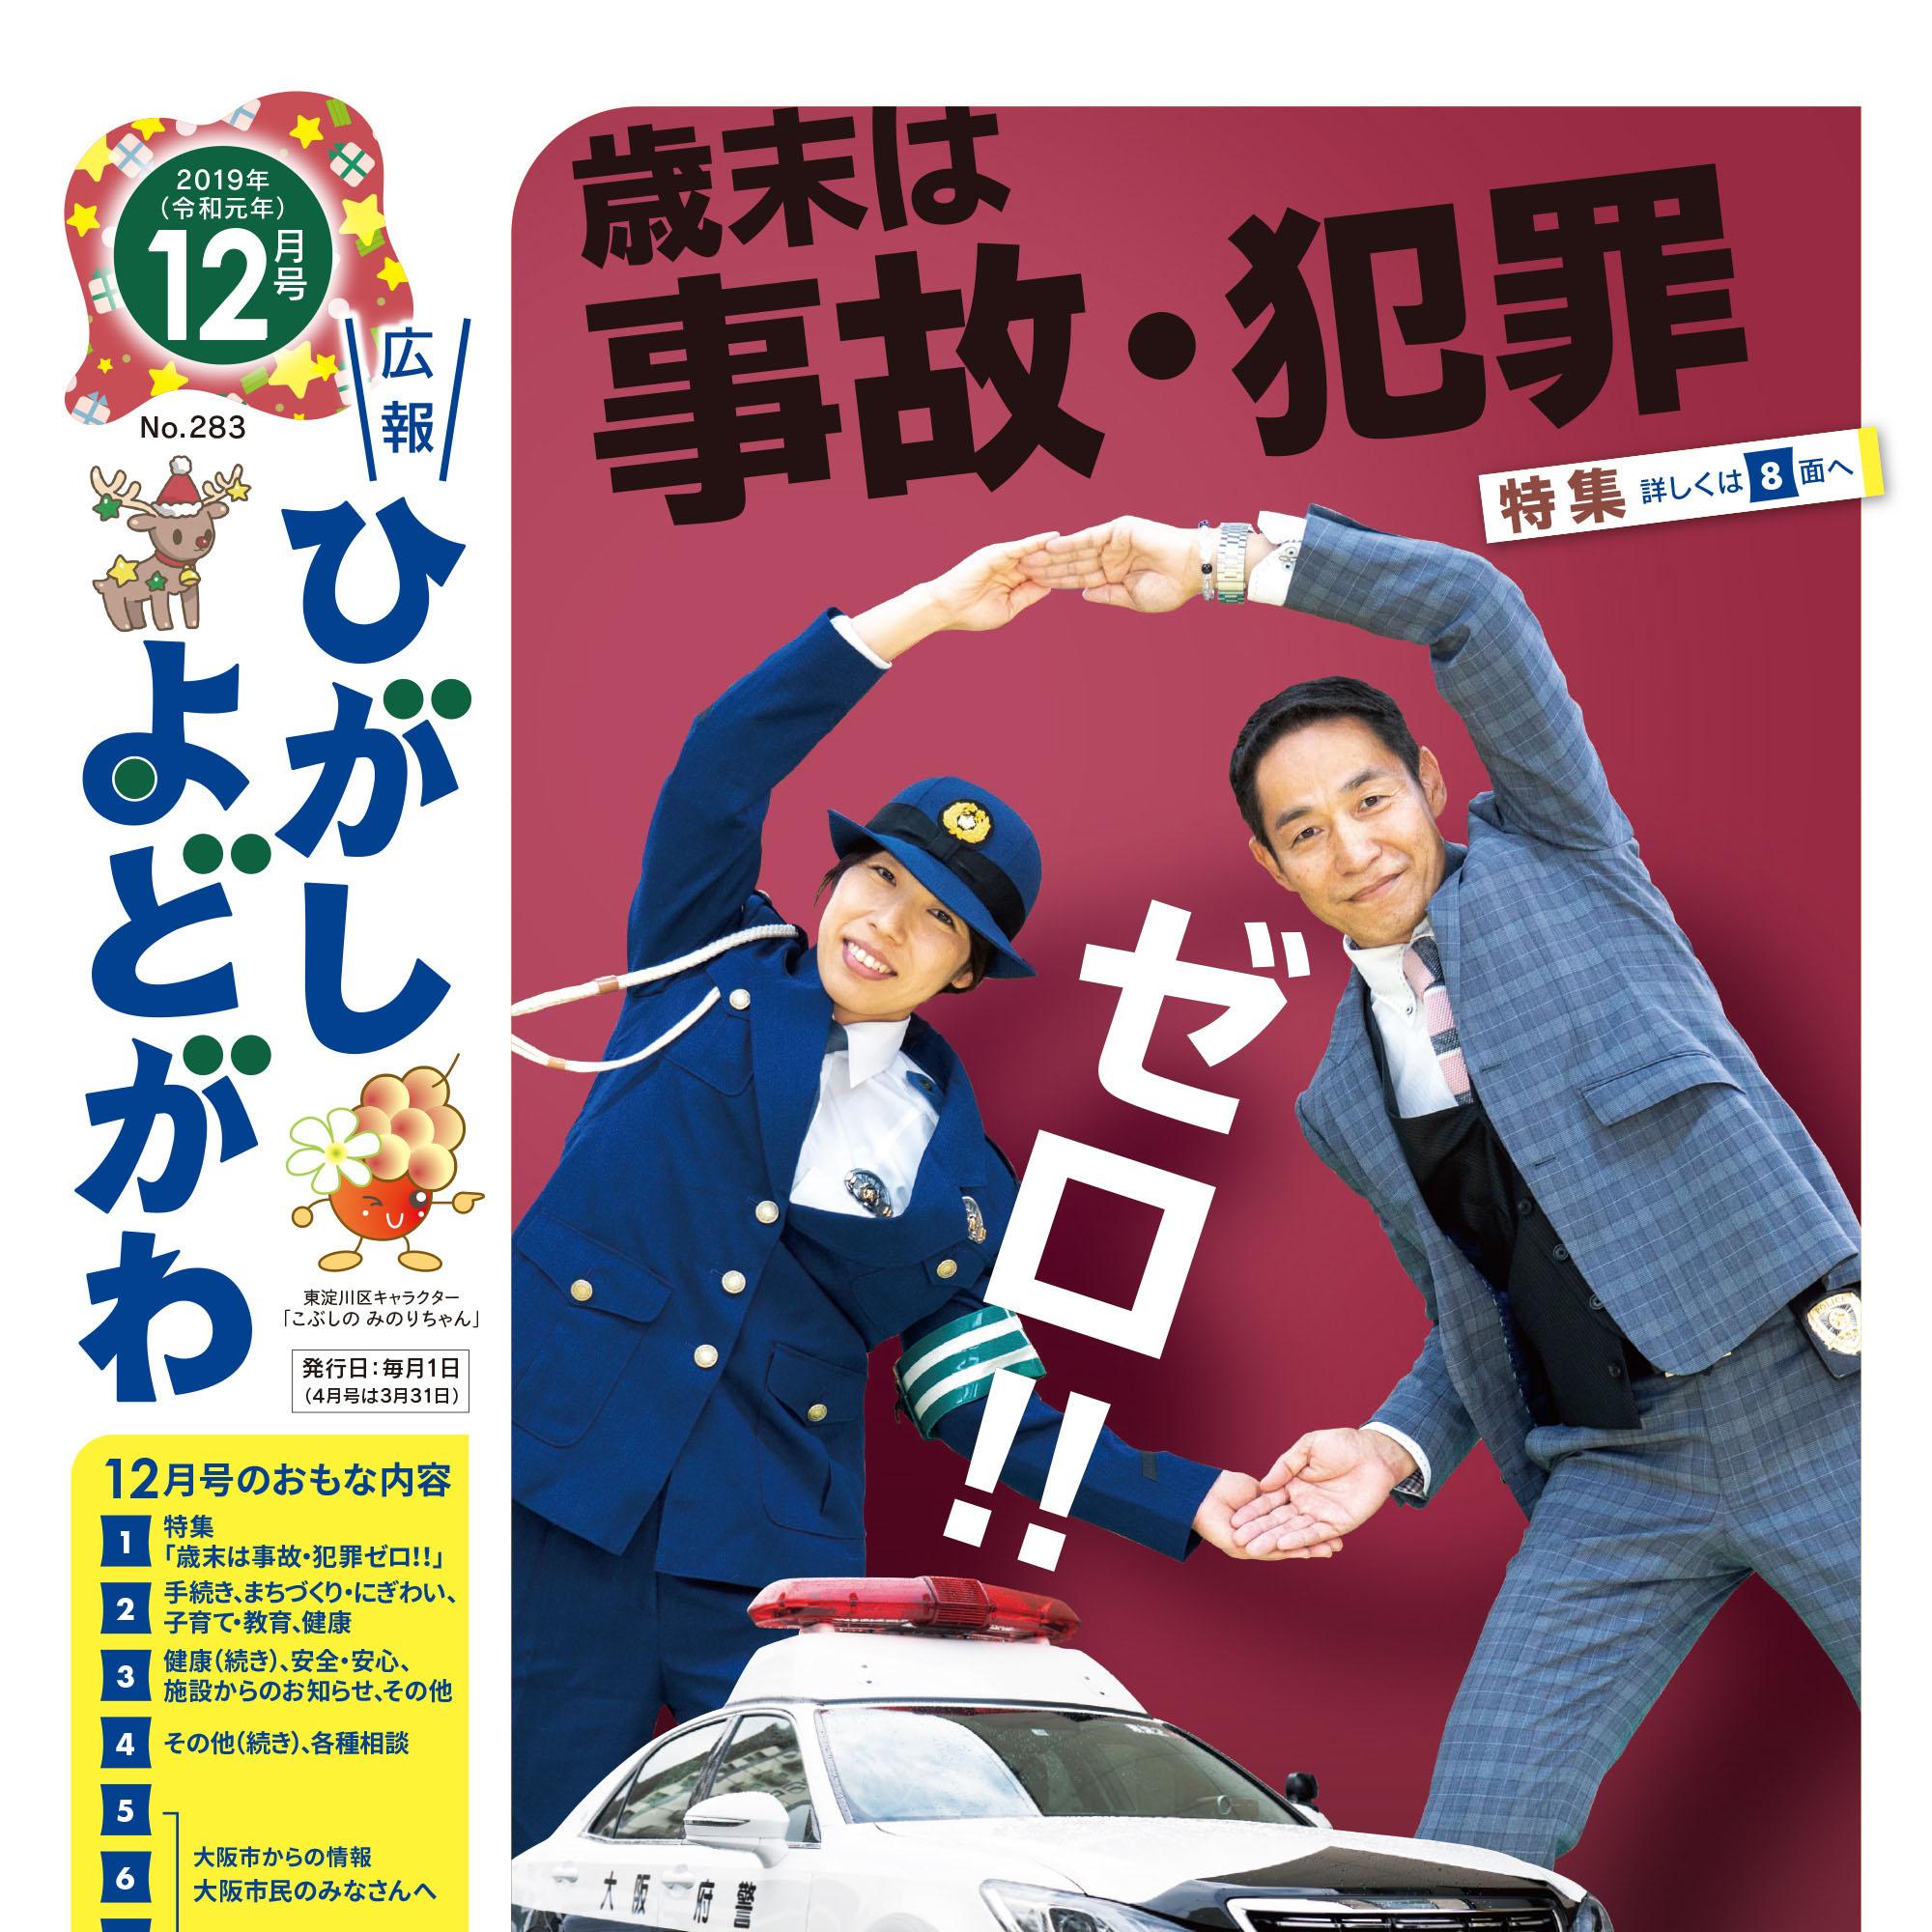 広報ひがしよどがわ2019年12月号|歳末は事故・犯罪ゼロ!!(大阪市東淀川区)